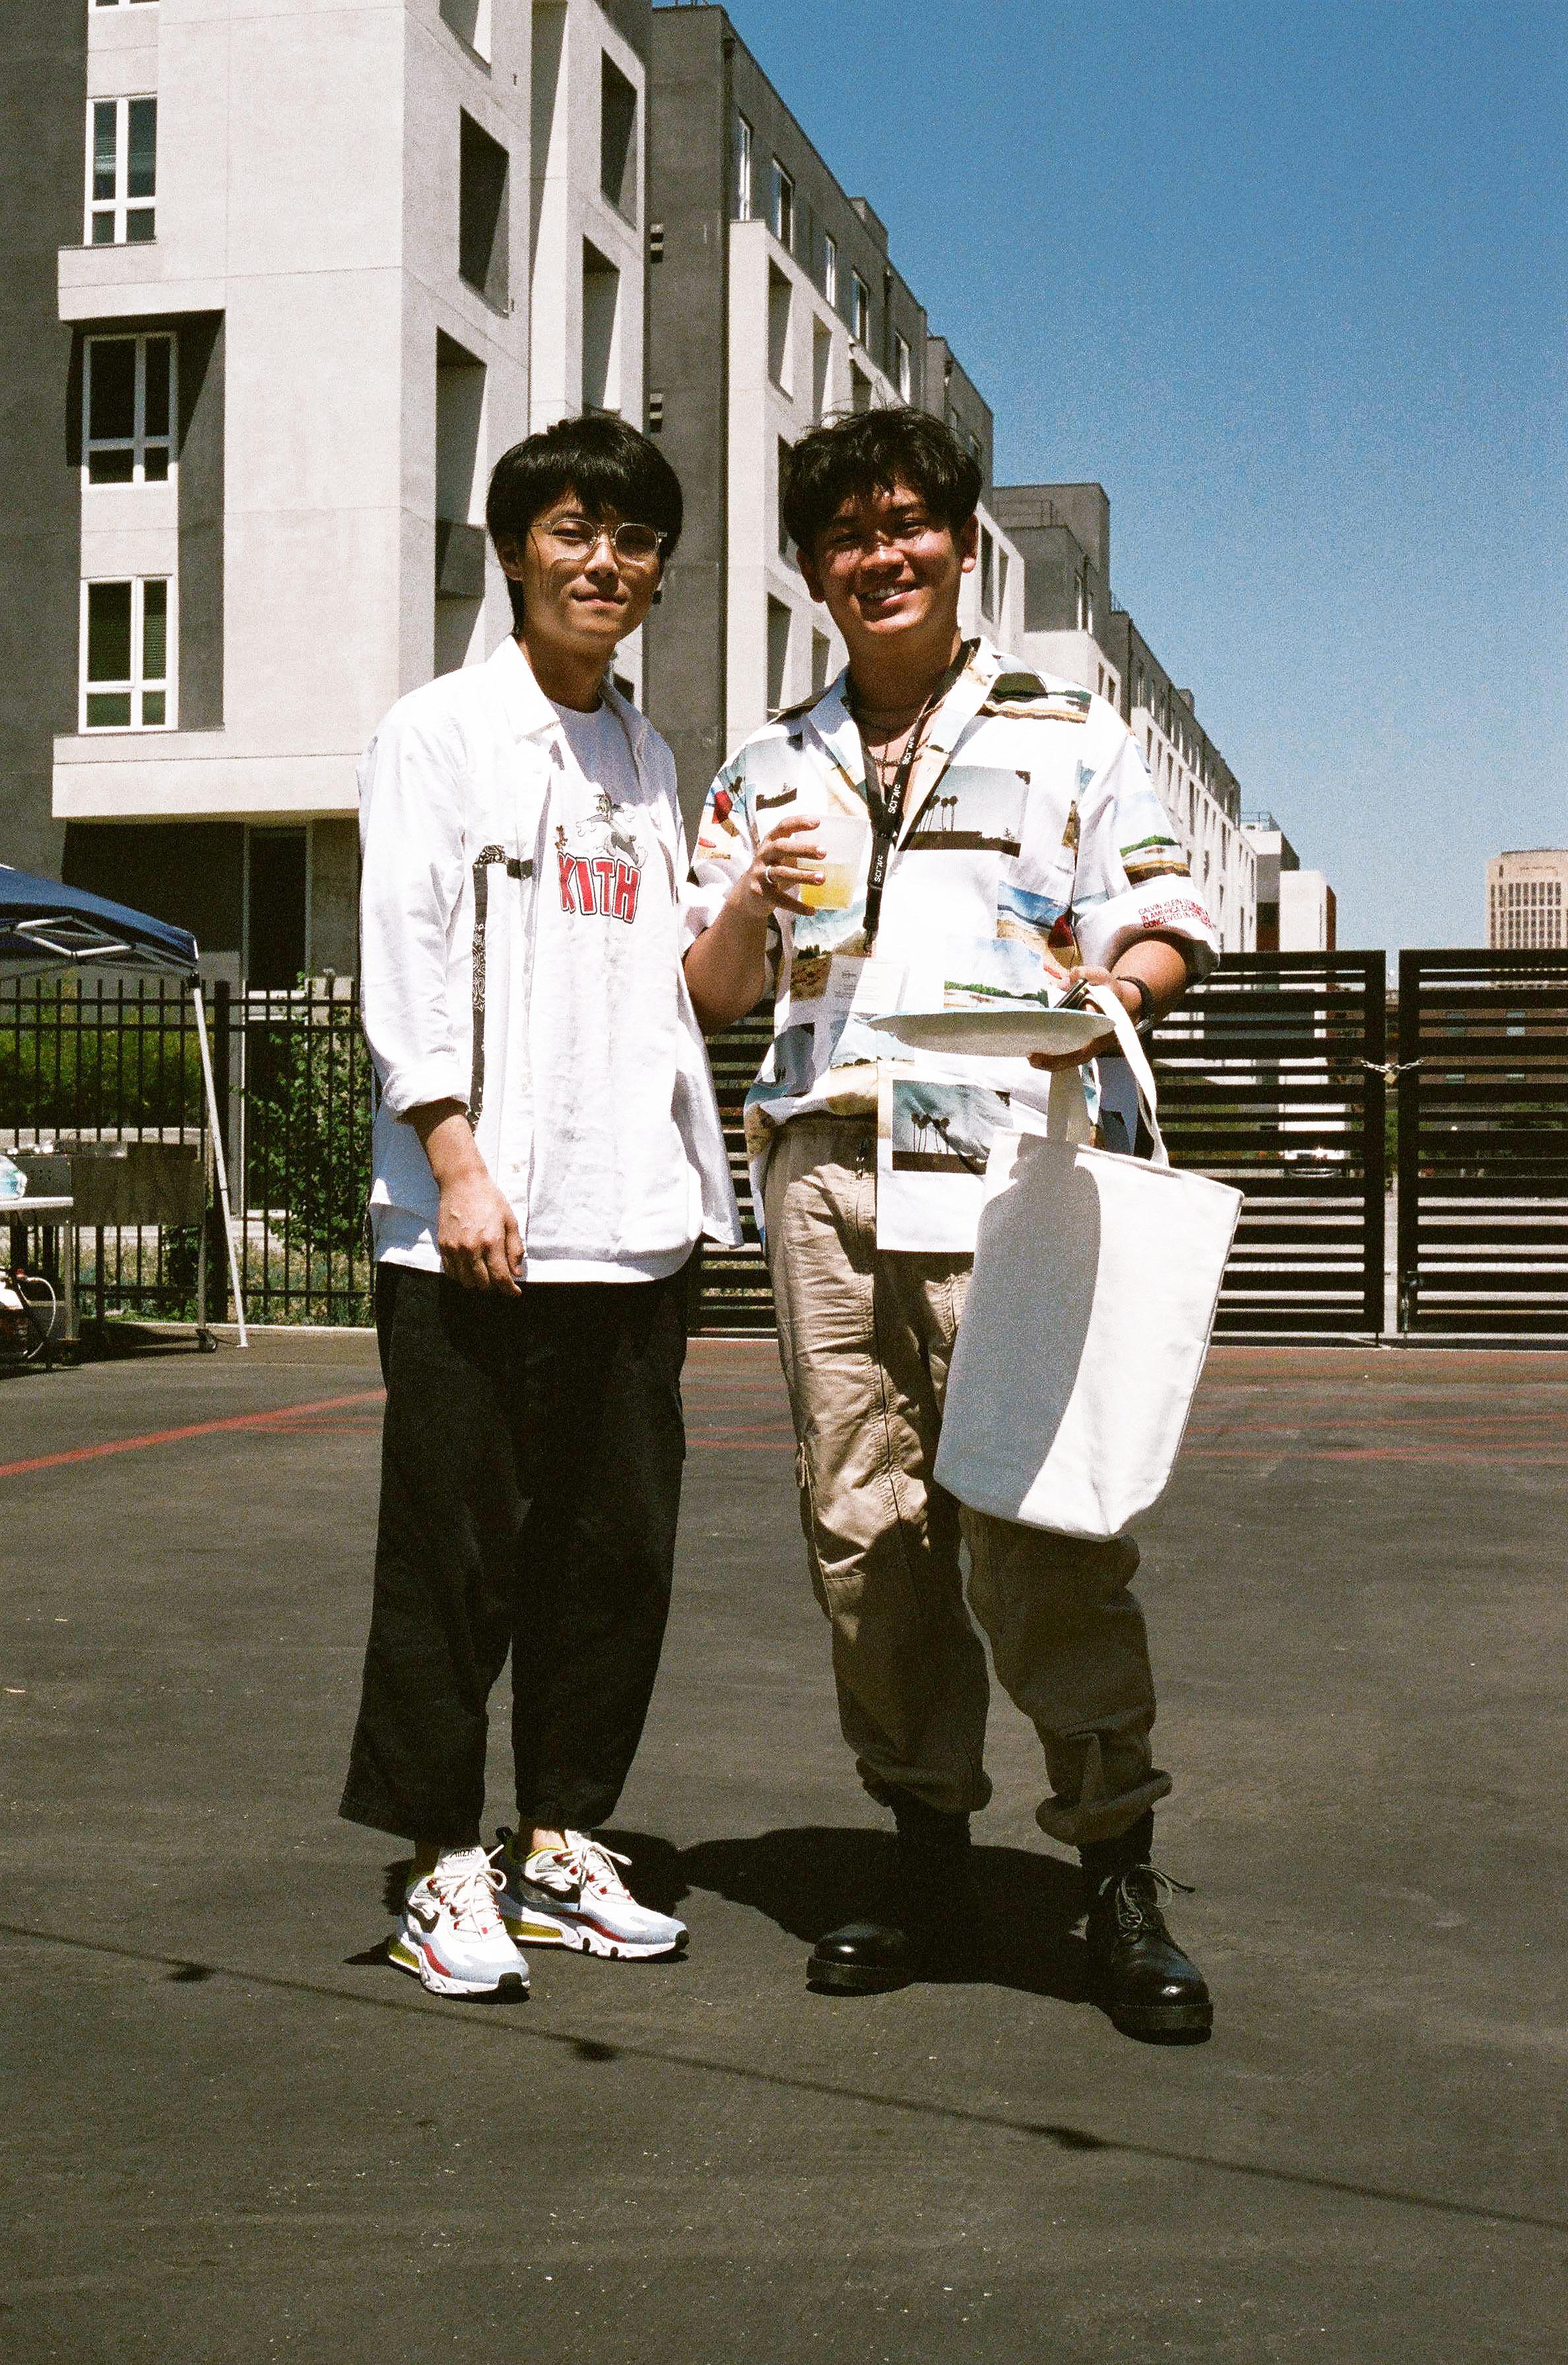 Yun Bin Wang and Wenhao Huang